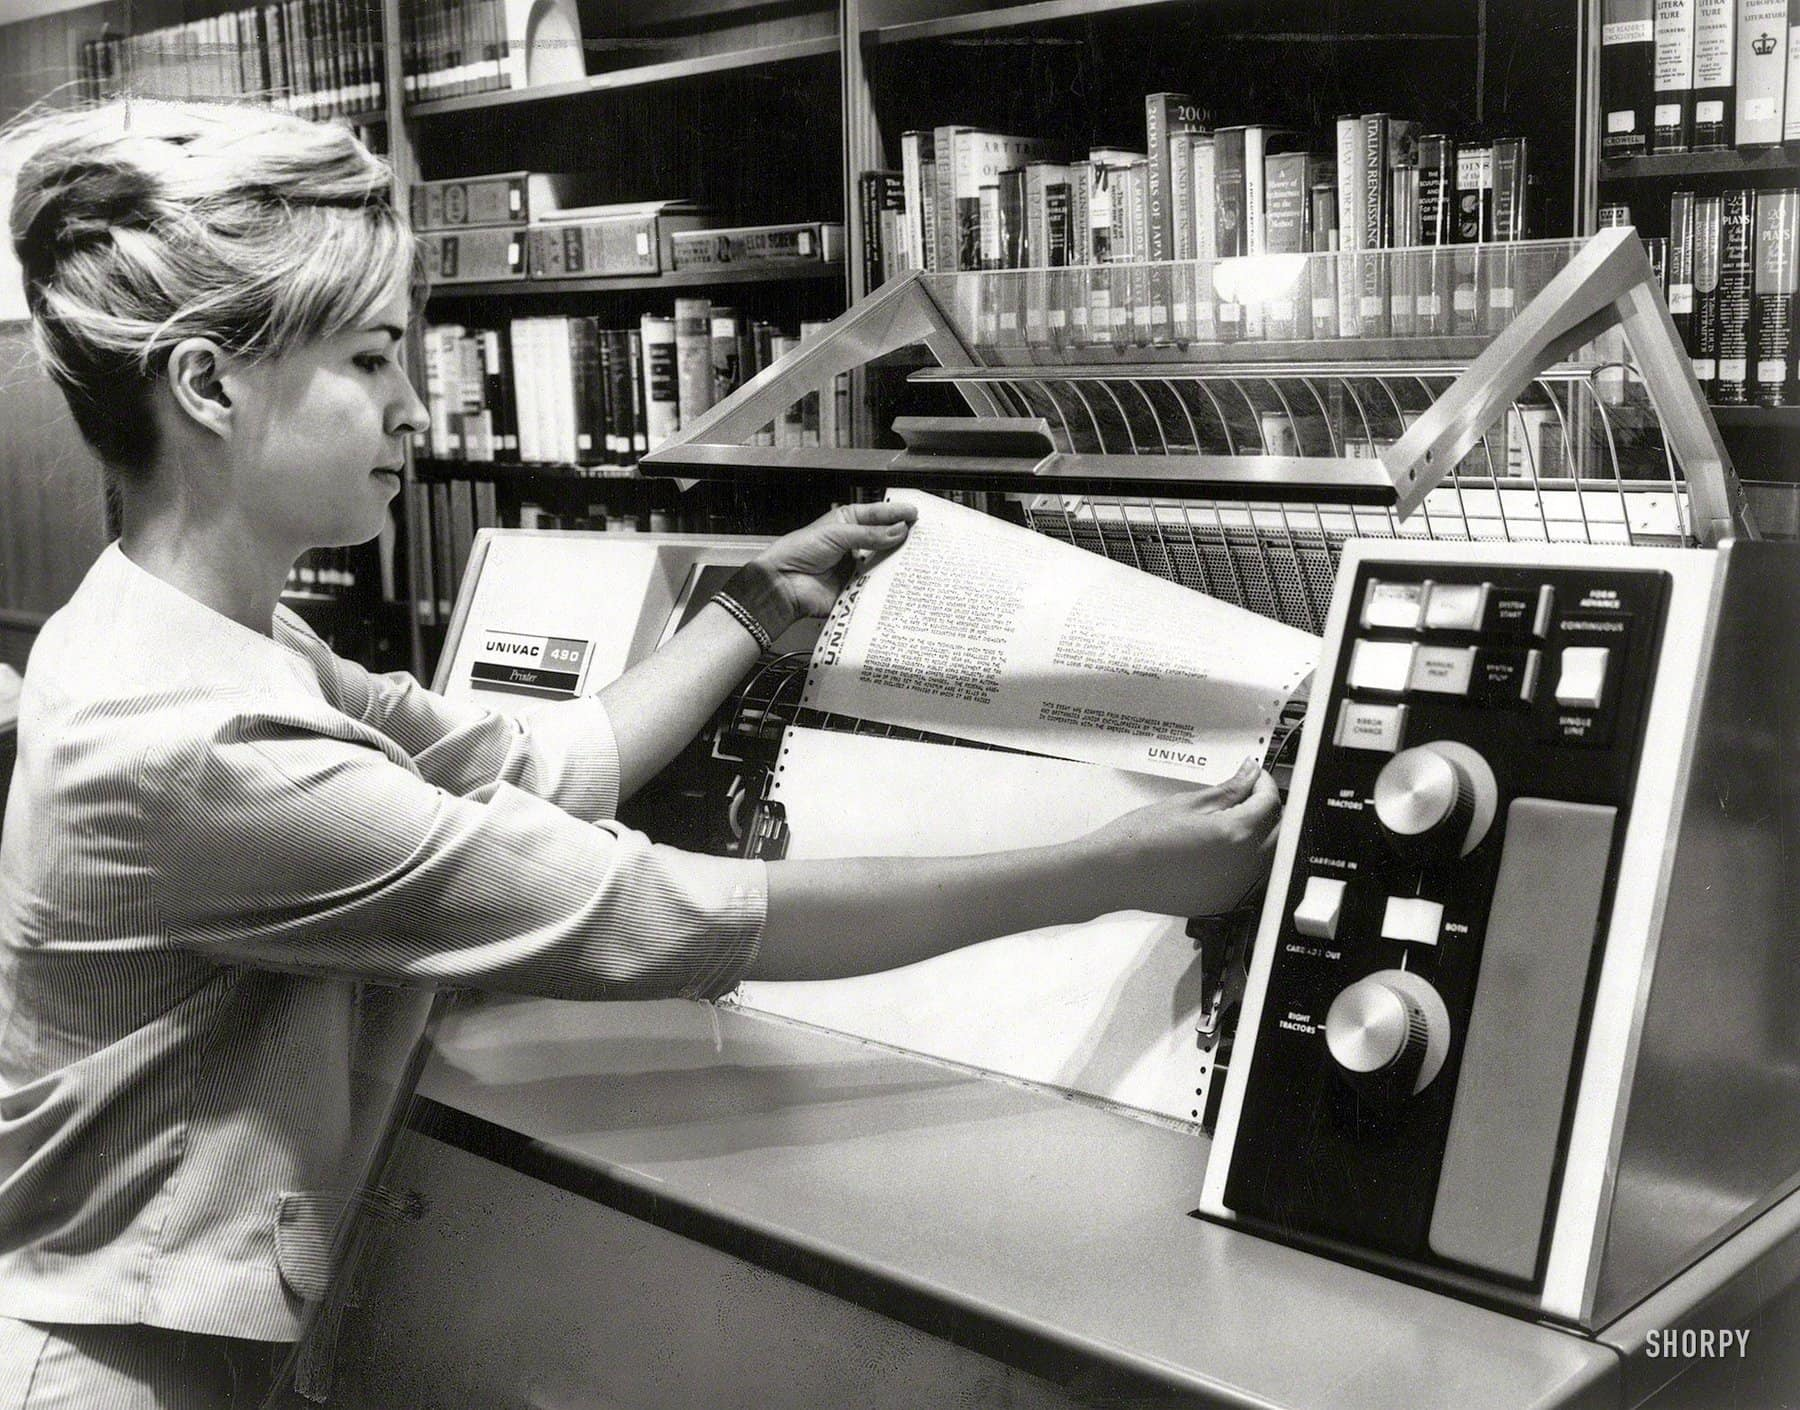 Computer - Librarian (1966)